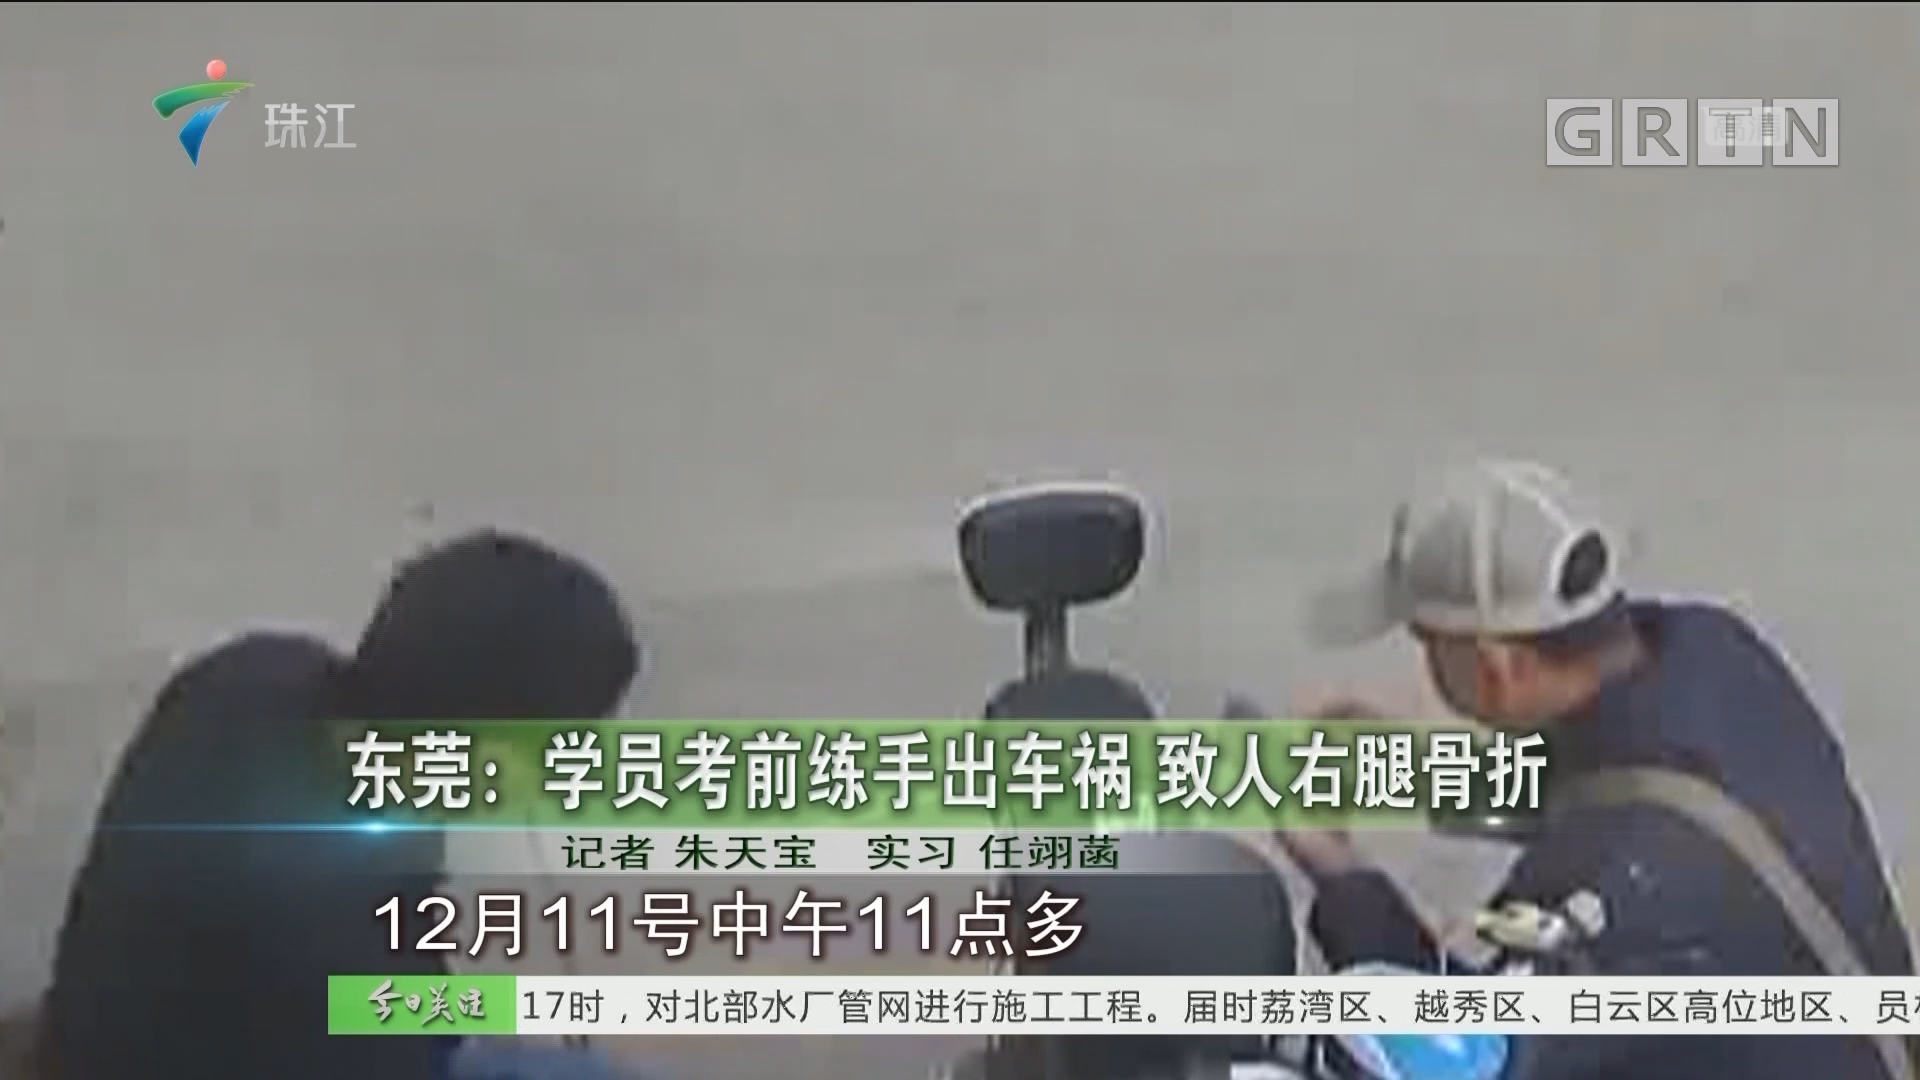 东莞:学员考前练手出车祸 致人右腿骨折